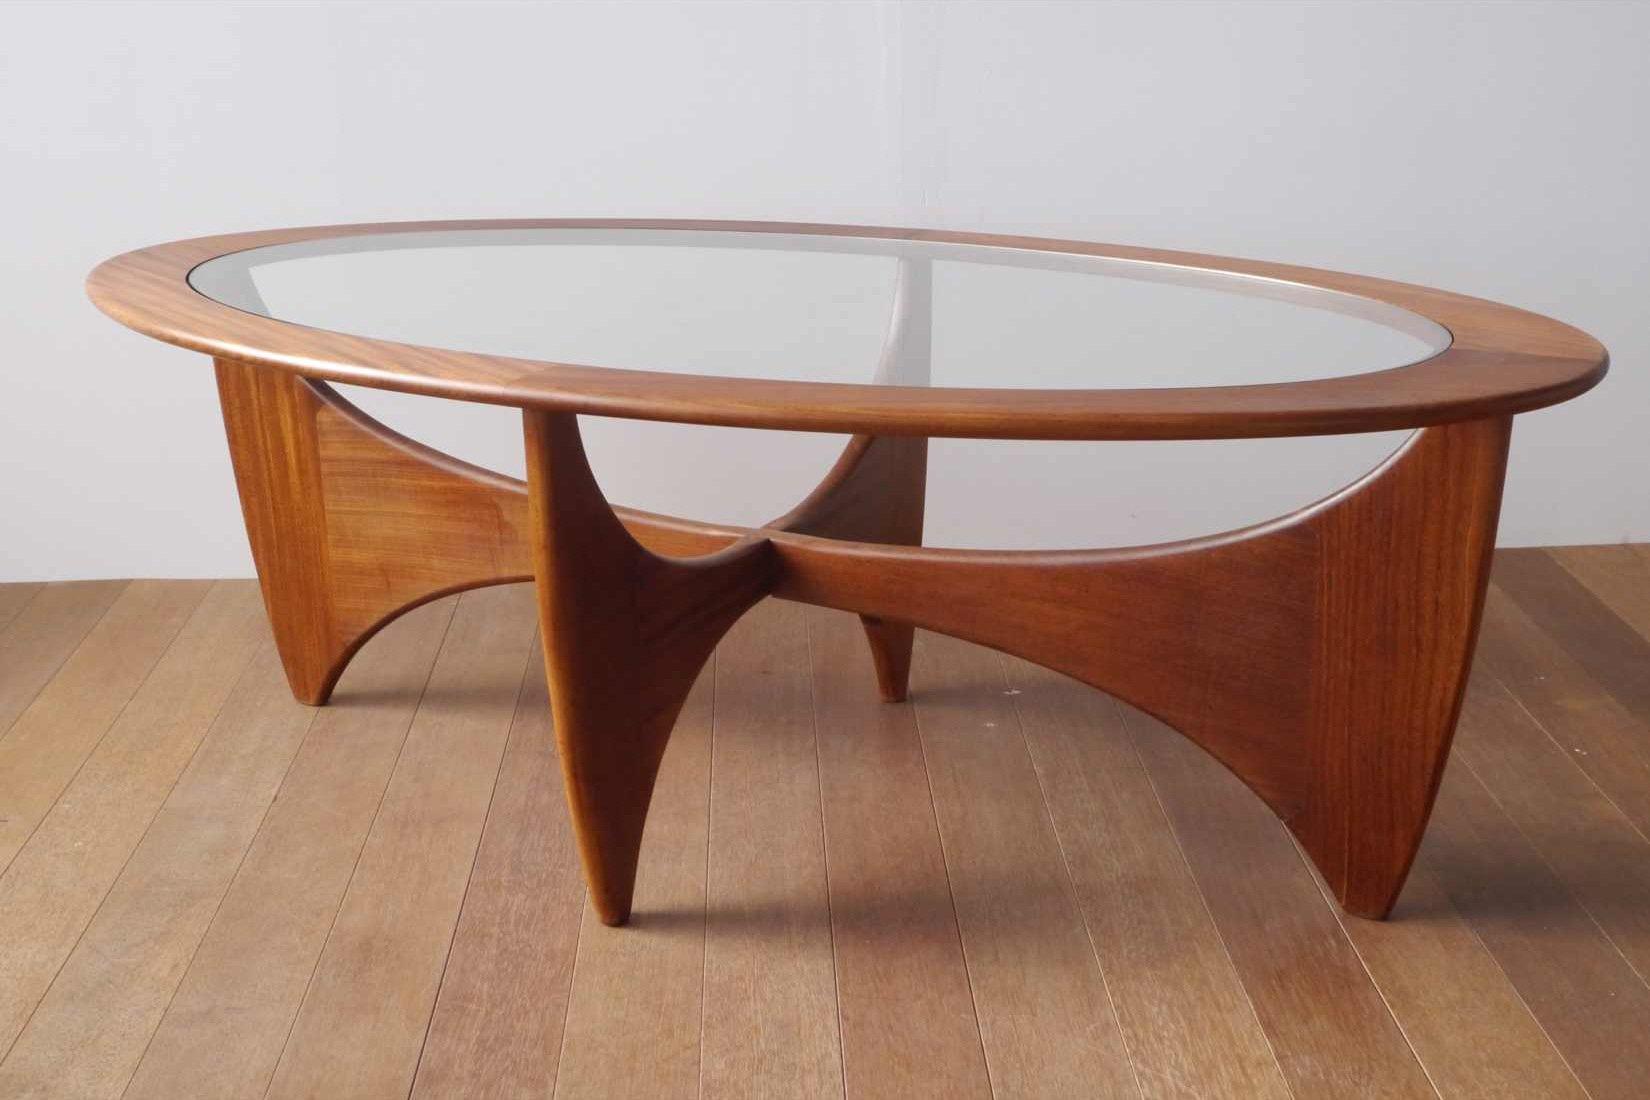 コーヒーテーブル Gplan【6066-0020】